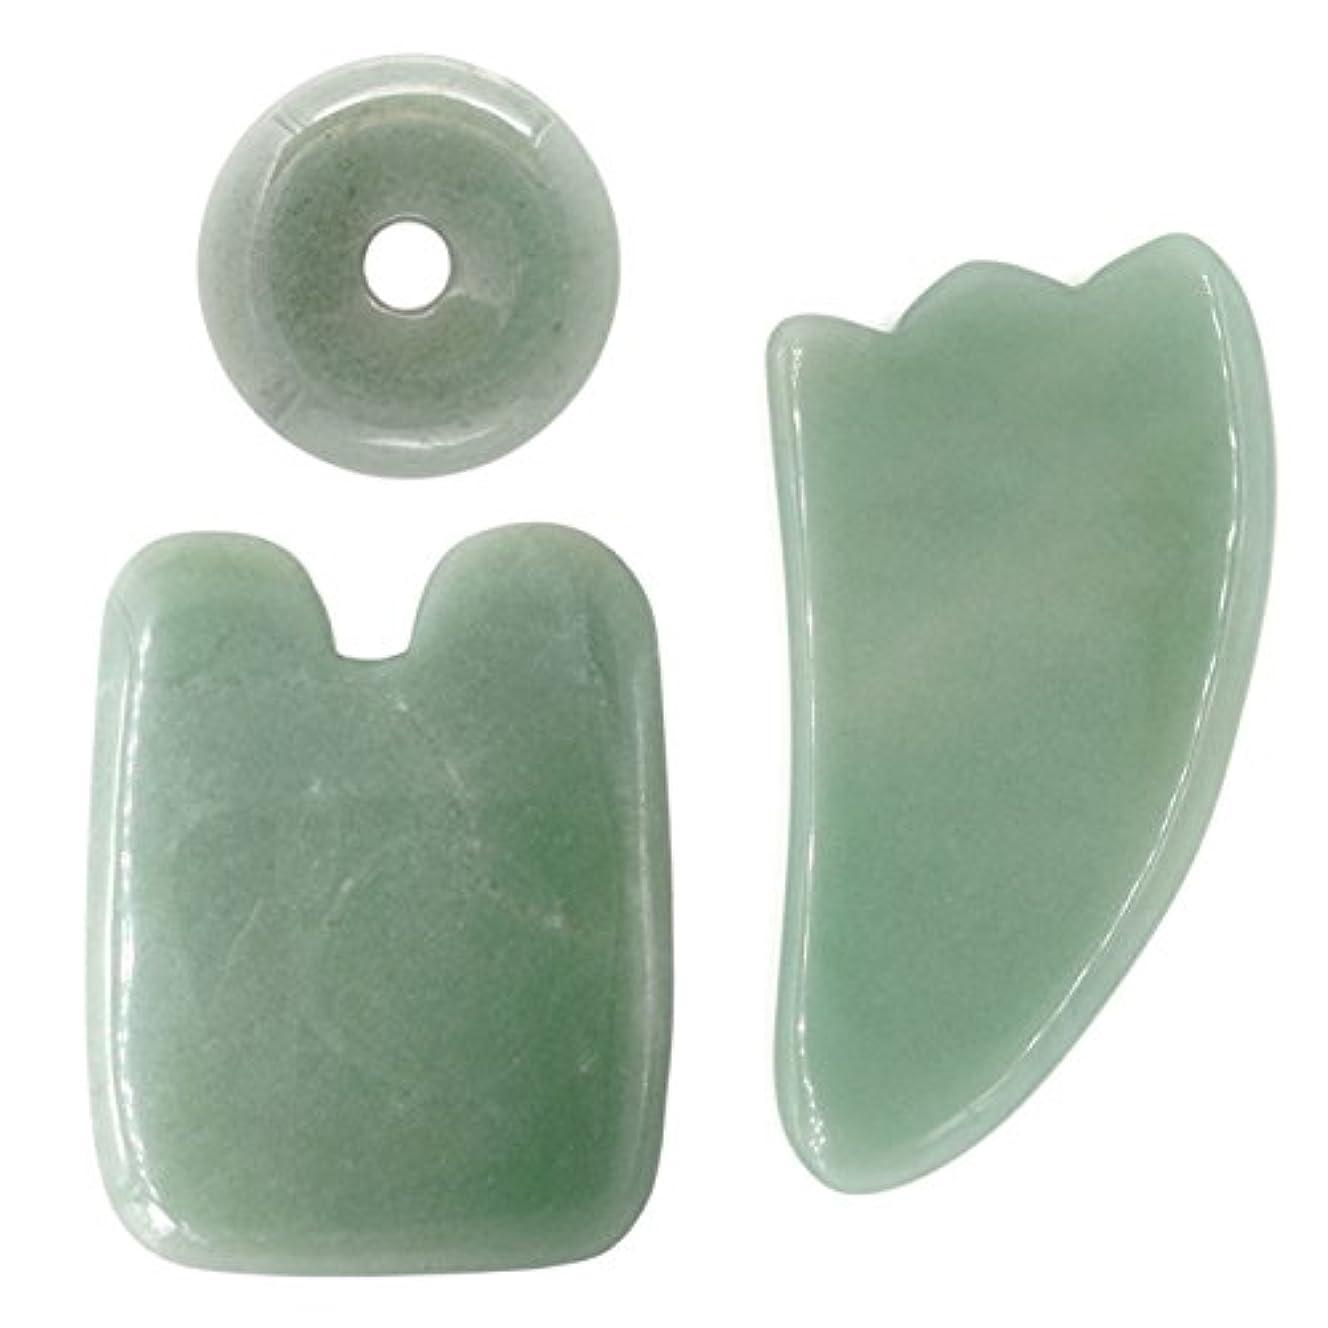 追加表面しっかり3点セット3pcsFace / Body Massage Natural Jade Boardかっさプレート 天然石 翡翠(顔?ボディのリンパマッサージ)